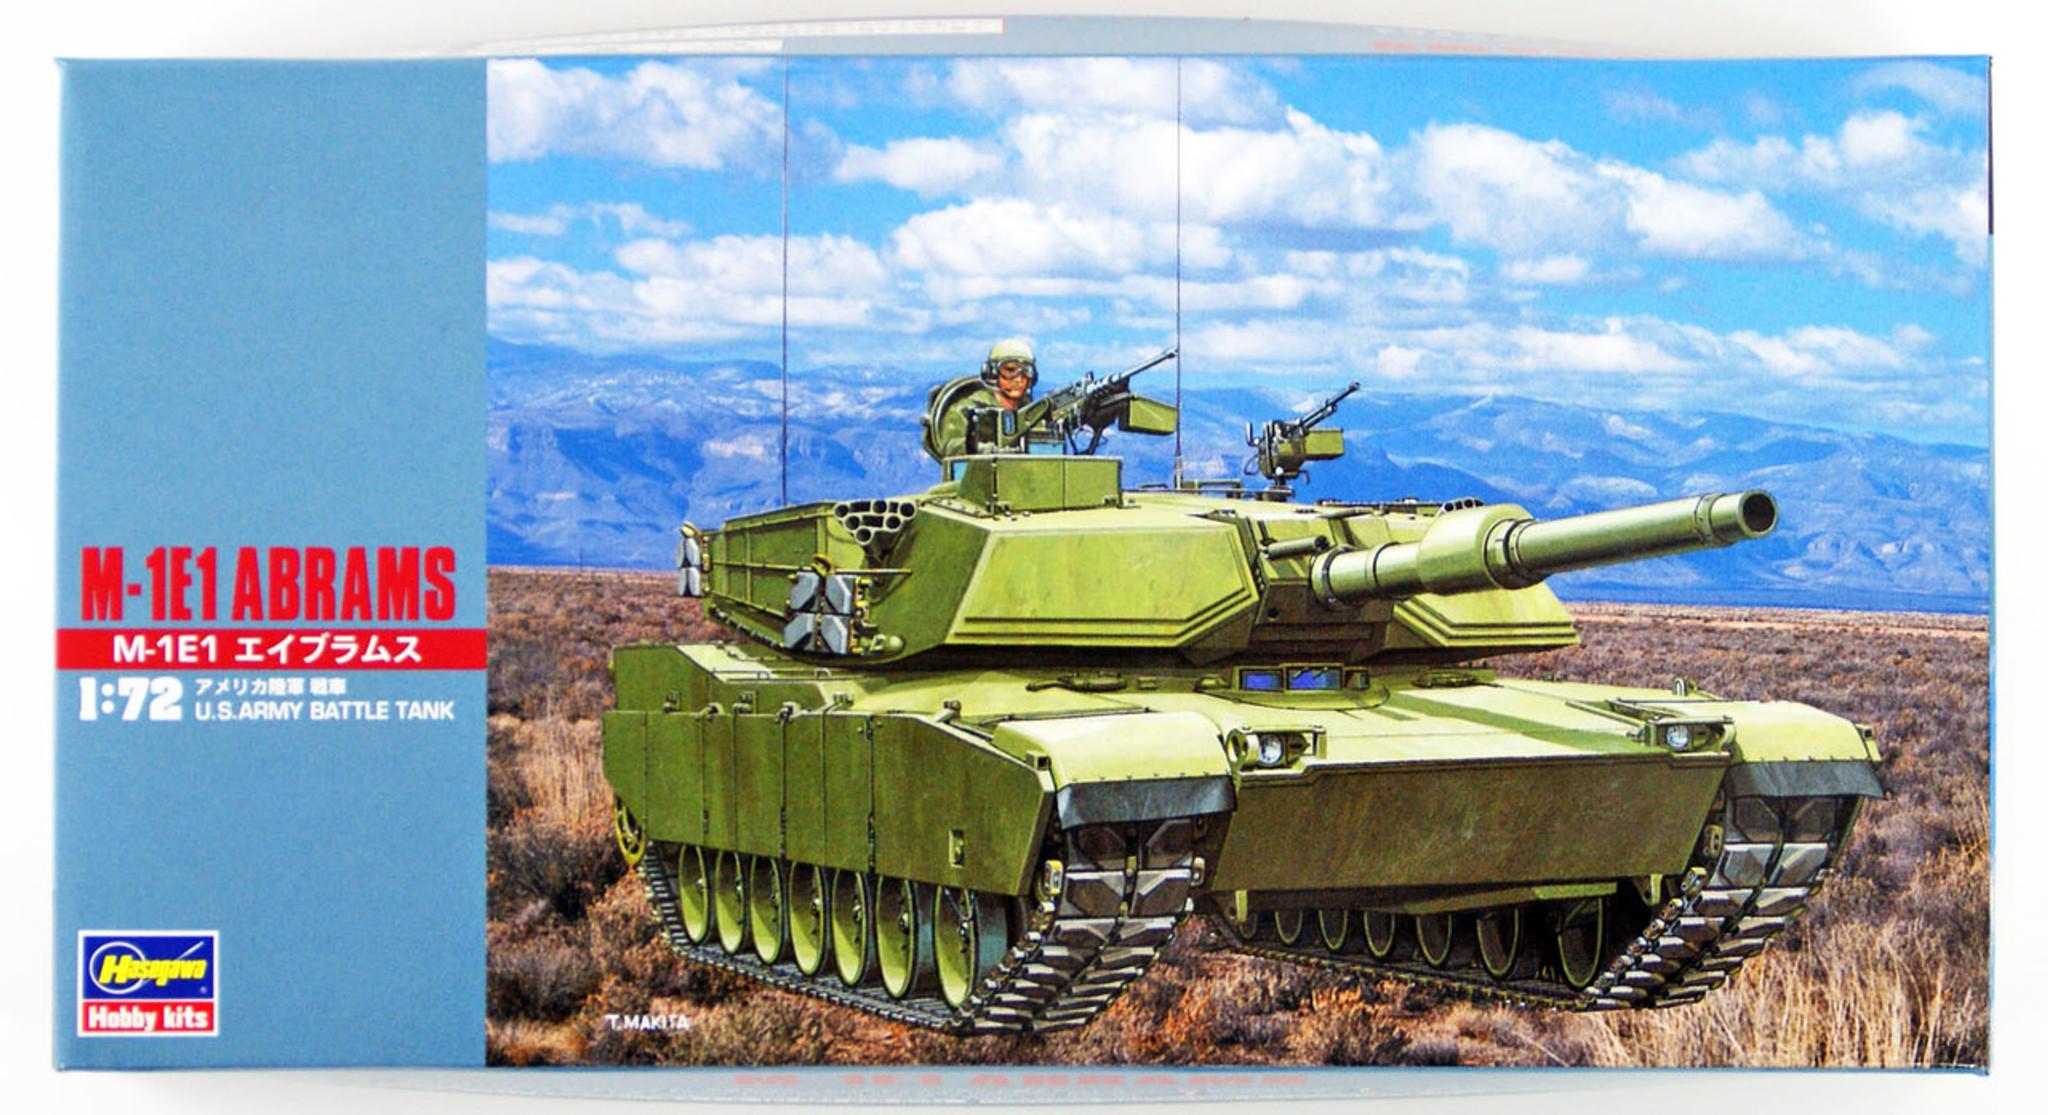 Hasegawa MT35 M-1E1 ABRAMS TANK 1//72 Scale Kit